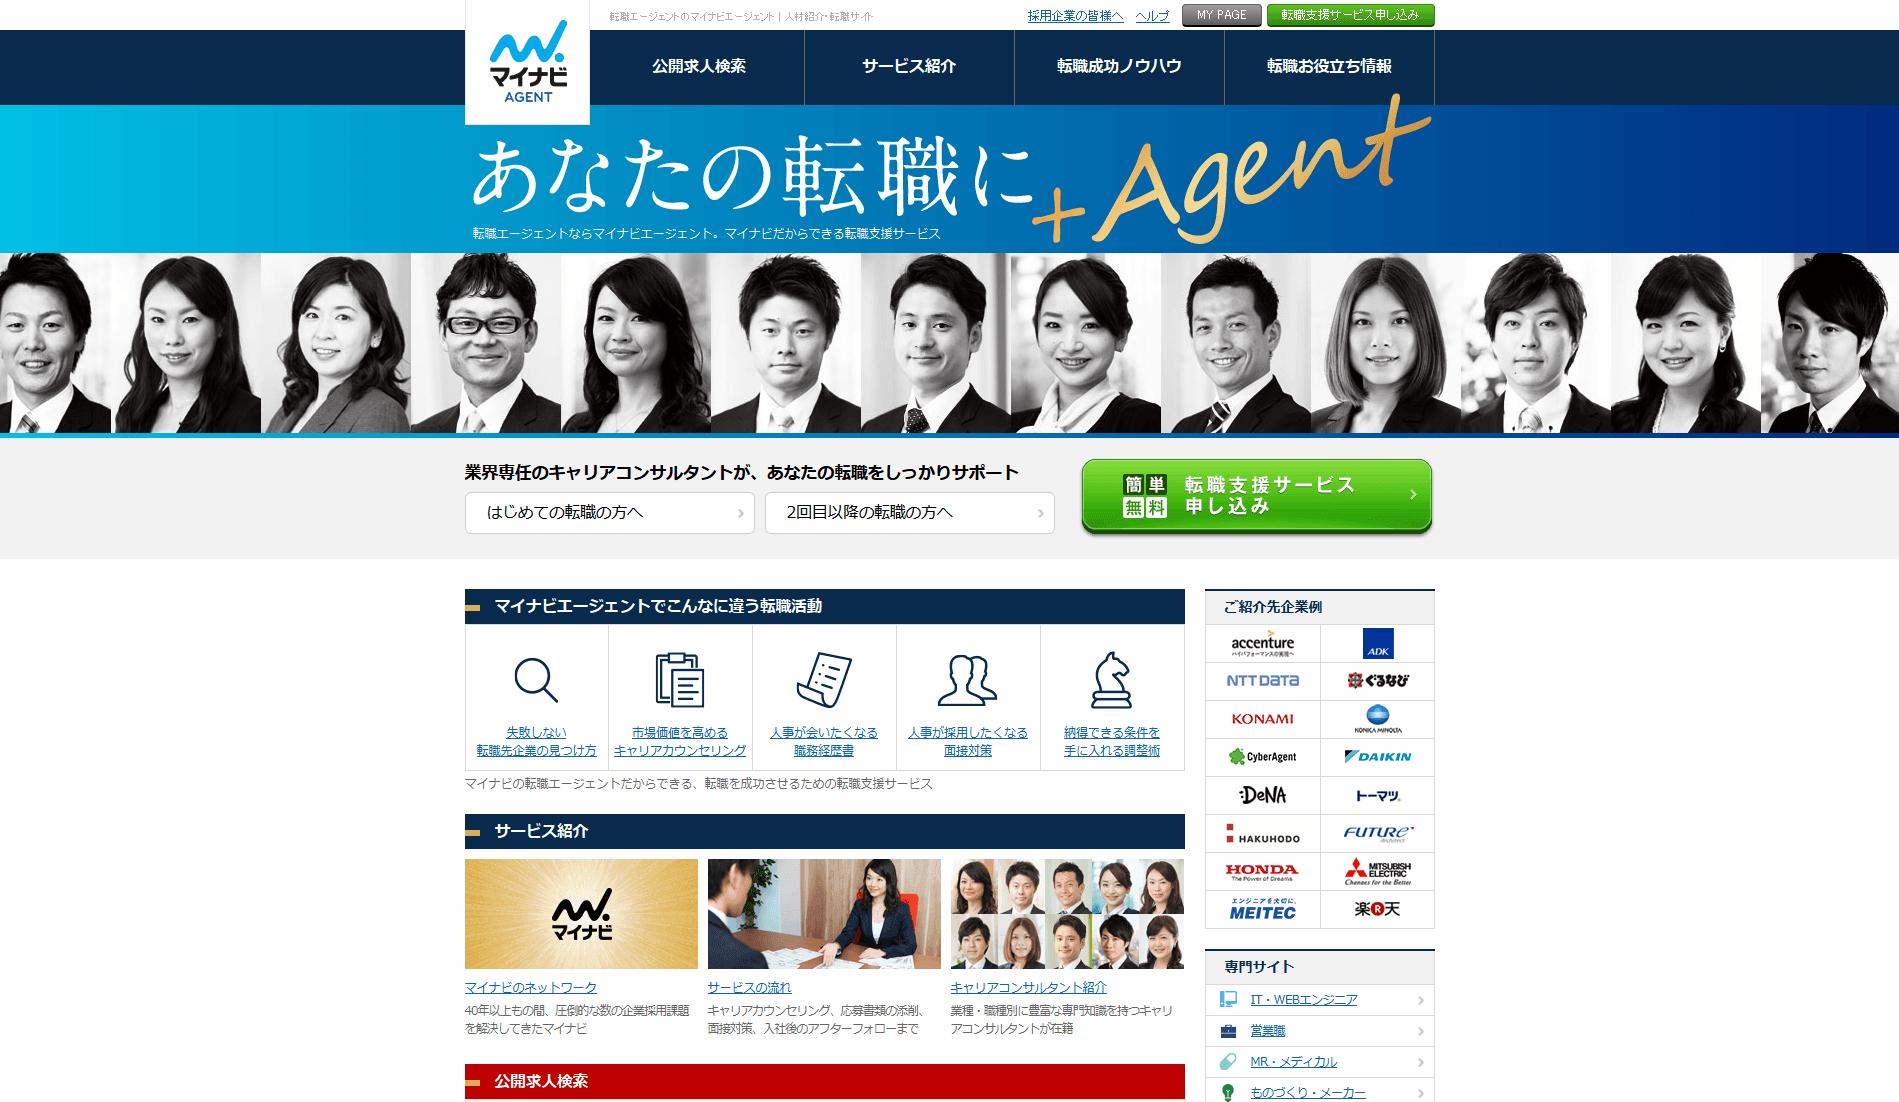 転職エージェントのマイナビエージェント 人材紹介・転職サイト